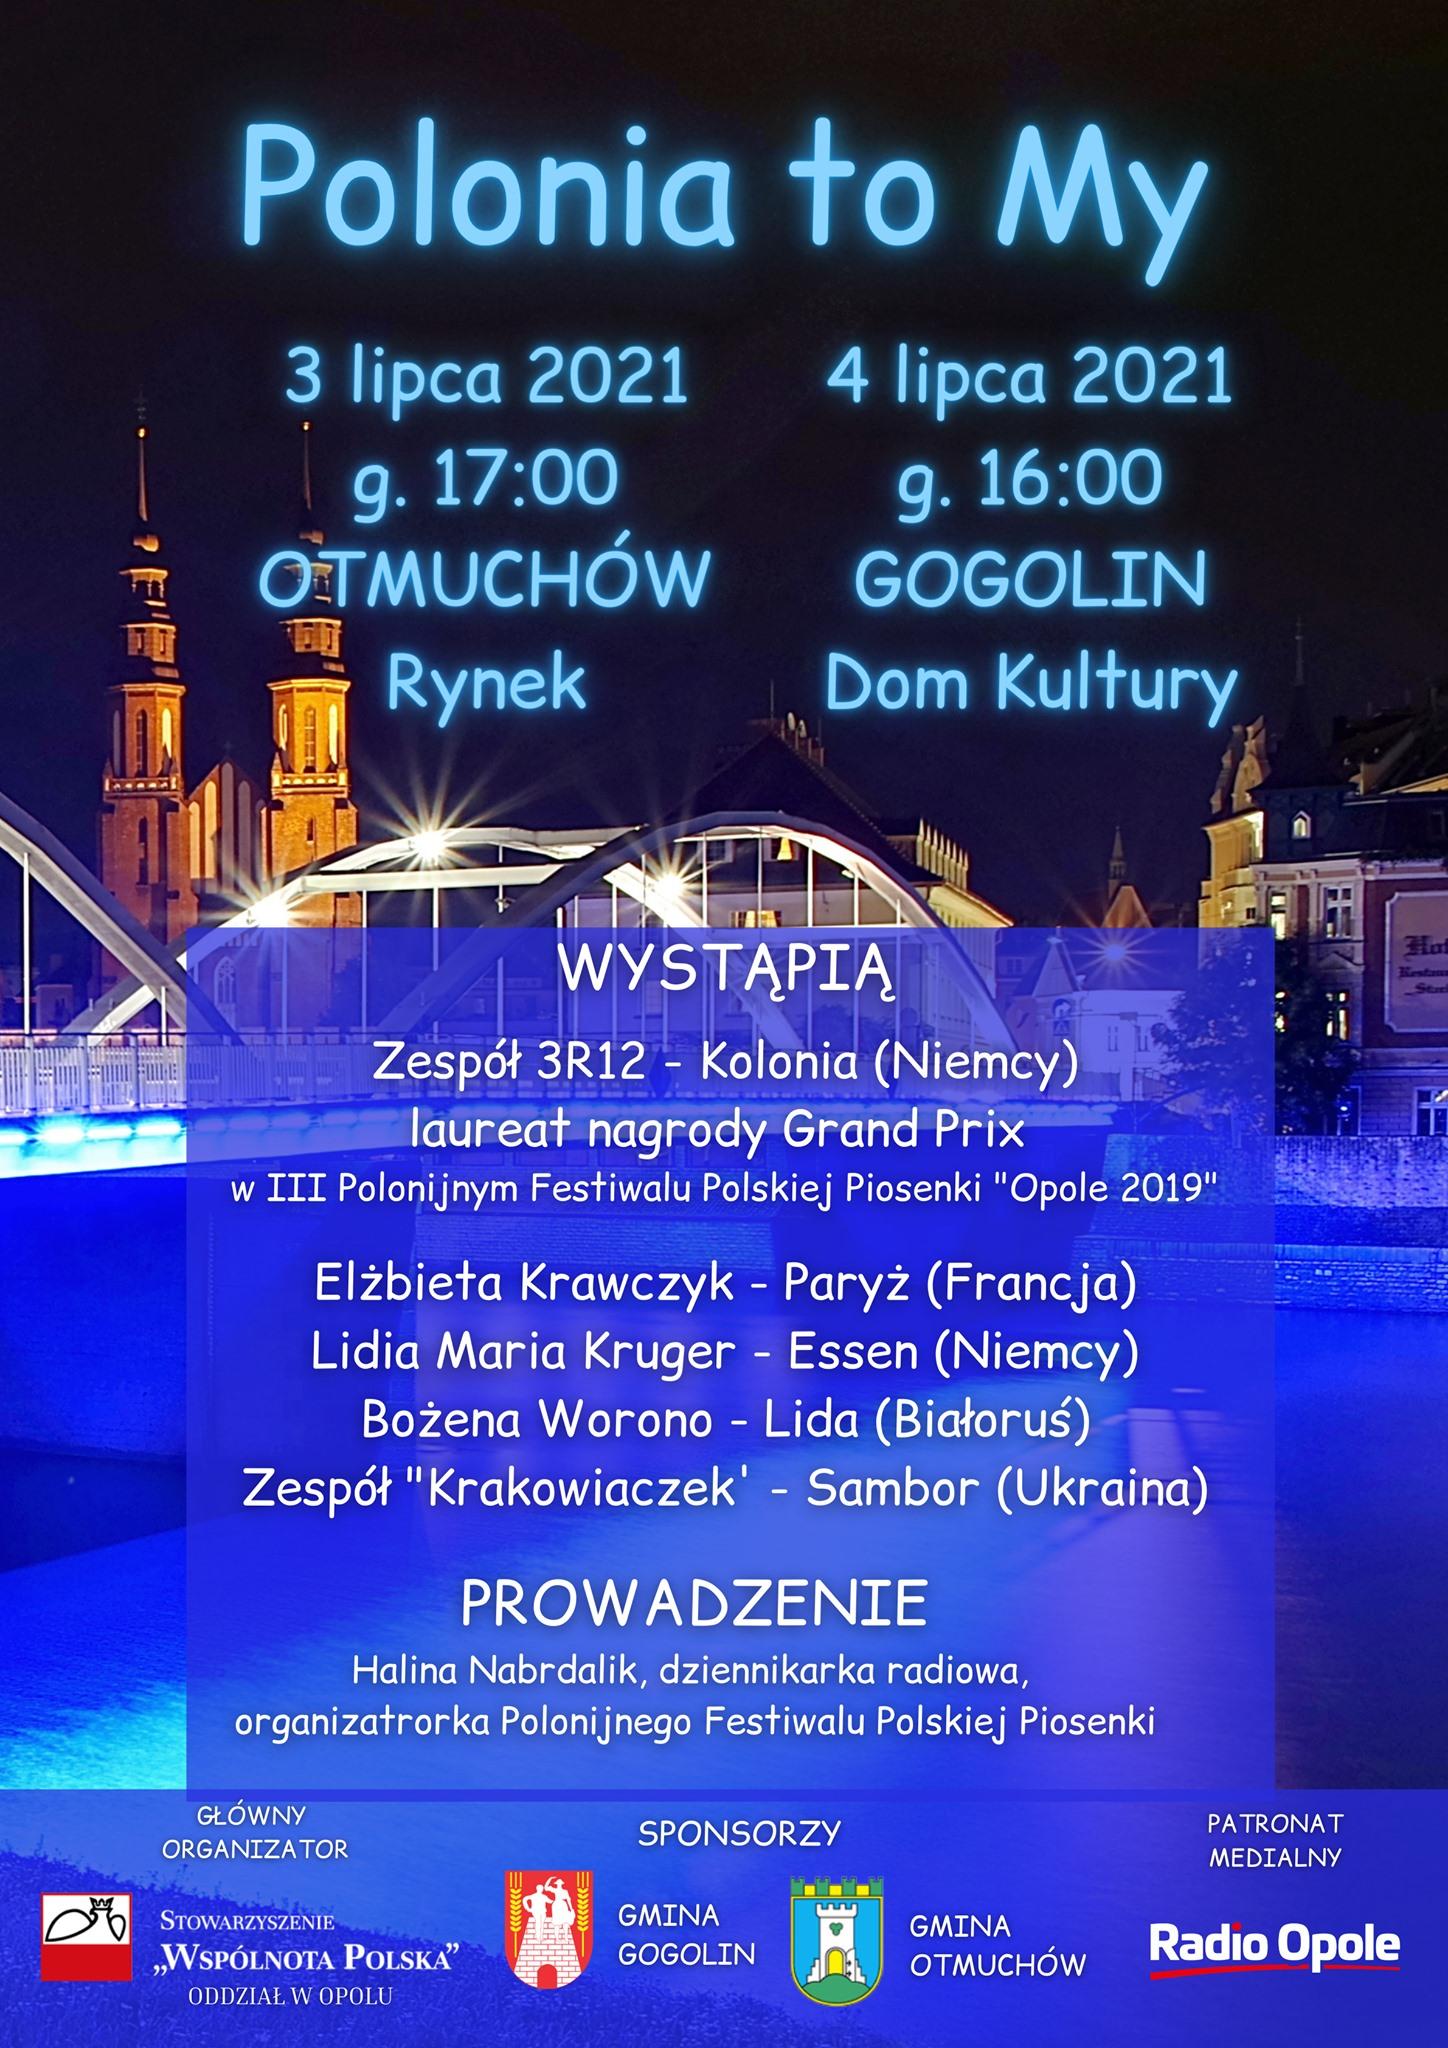 'Polonia to my' - koncerty w Otmuchowie i Gogolinie